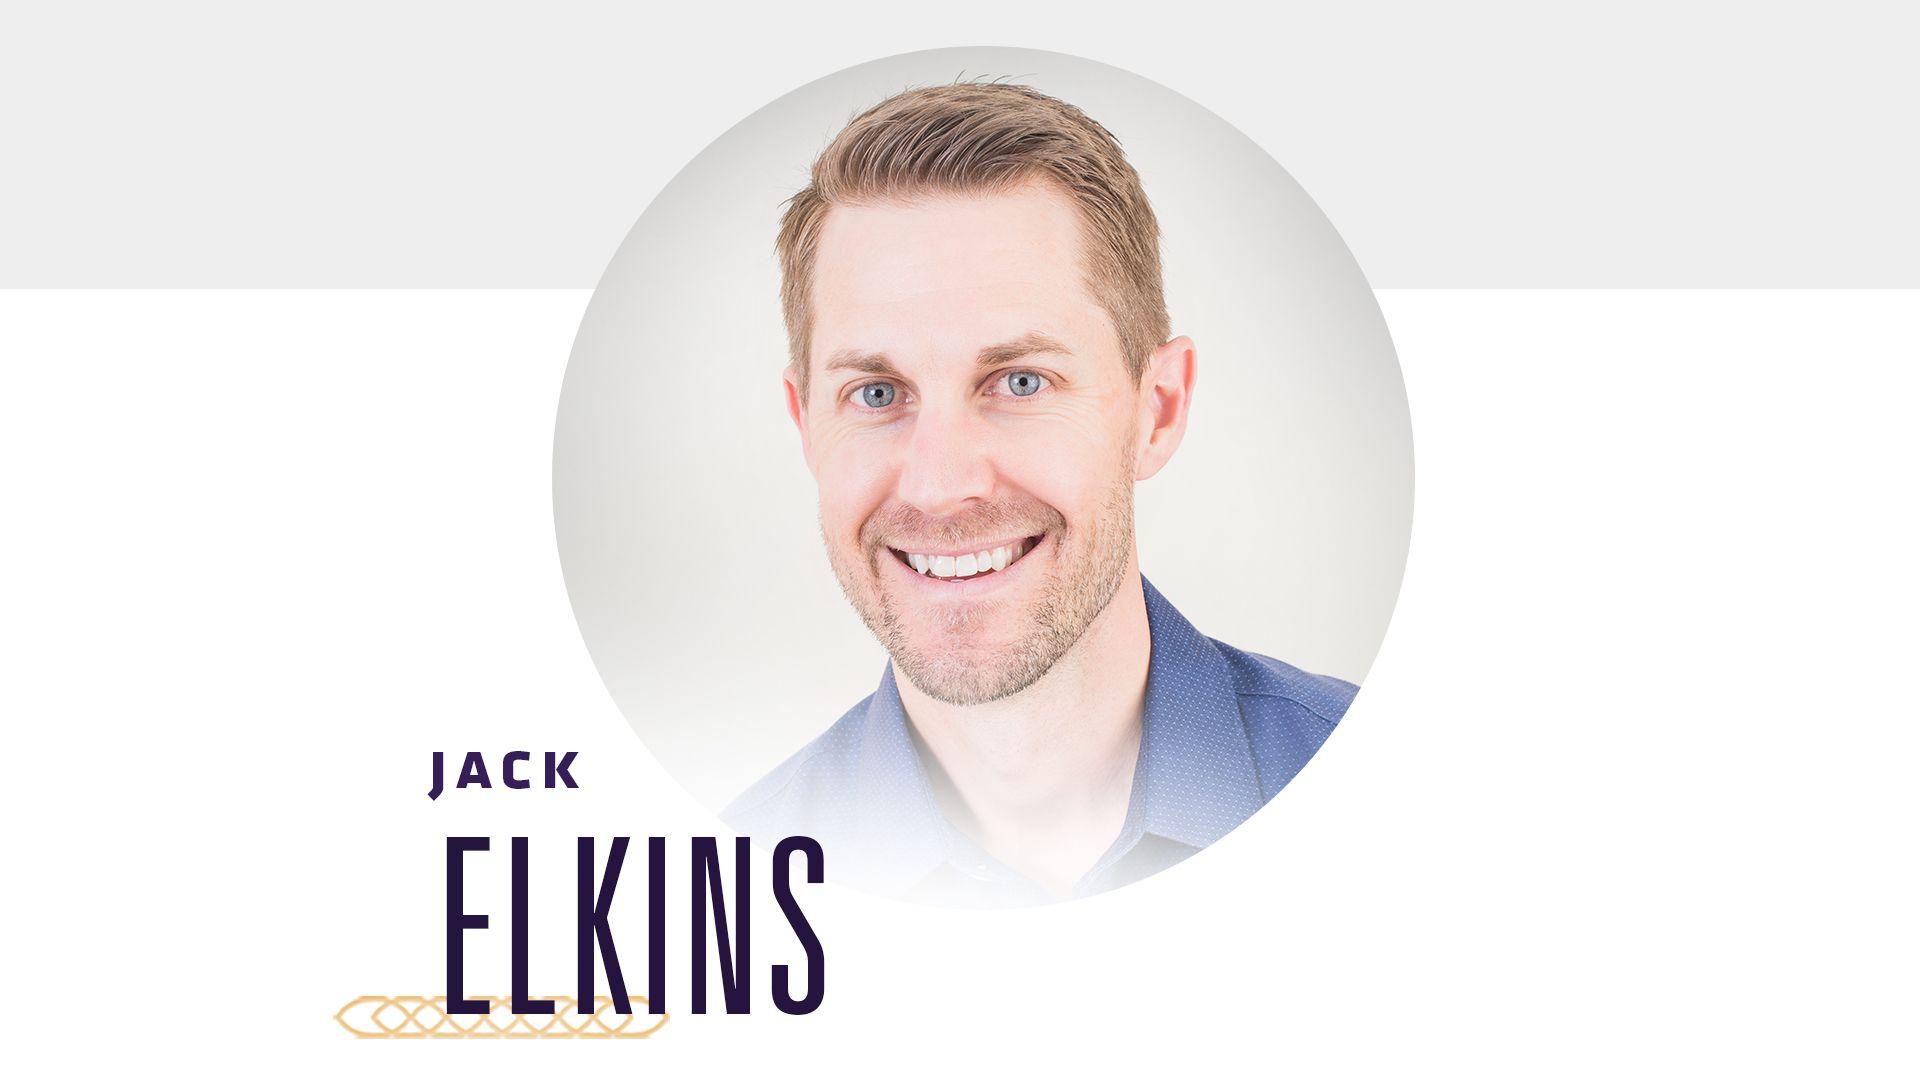 Jack Elkins – Chief Sidekick at Sidekick Innovations